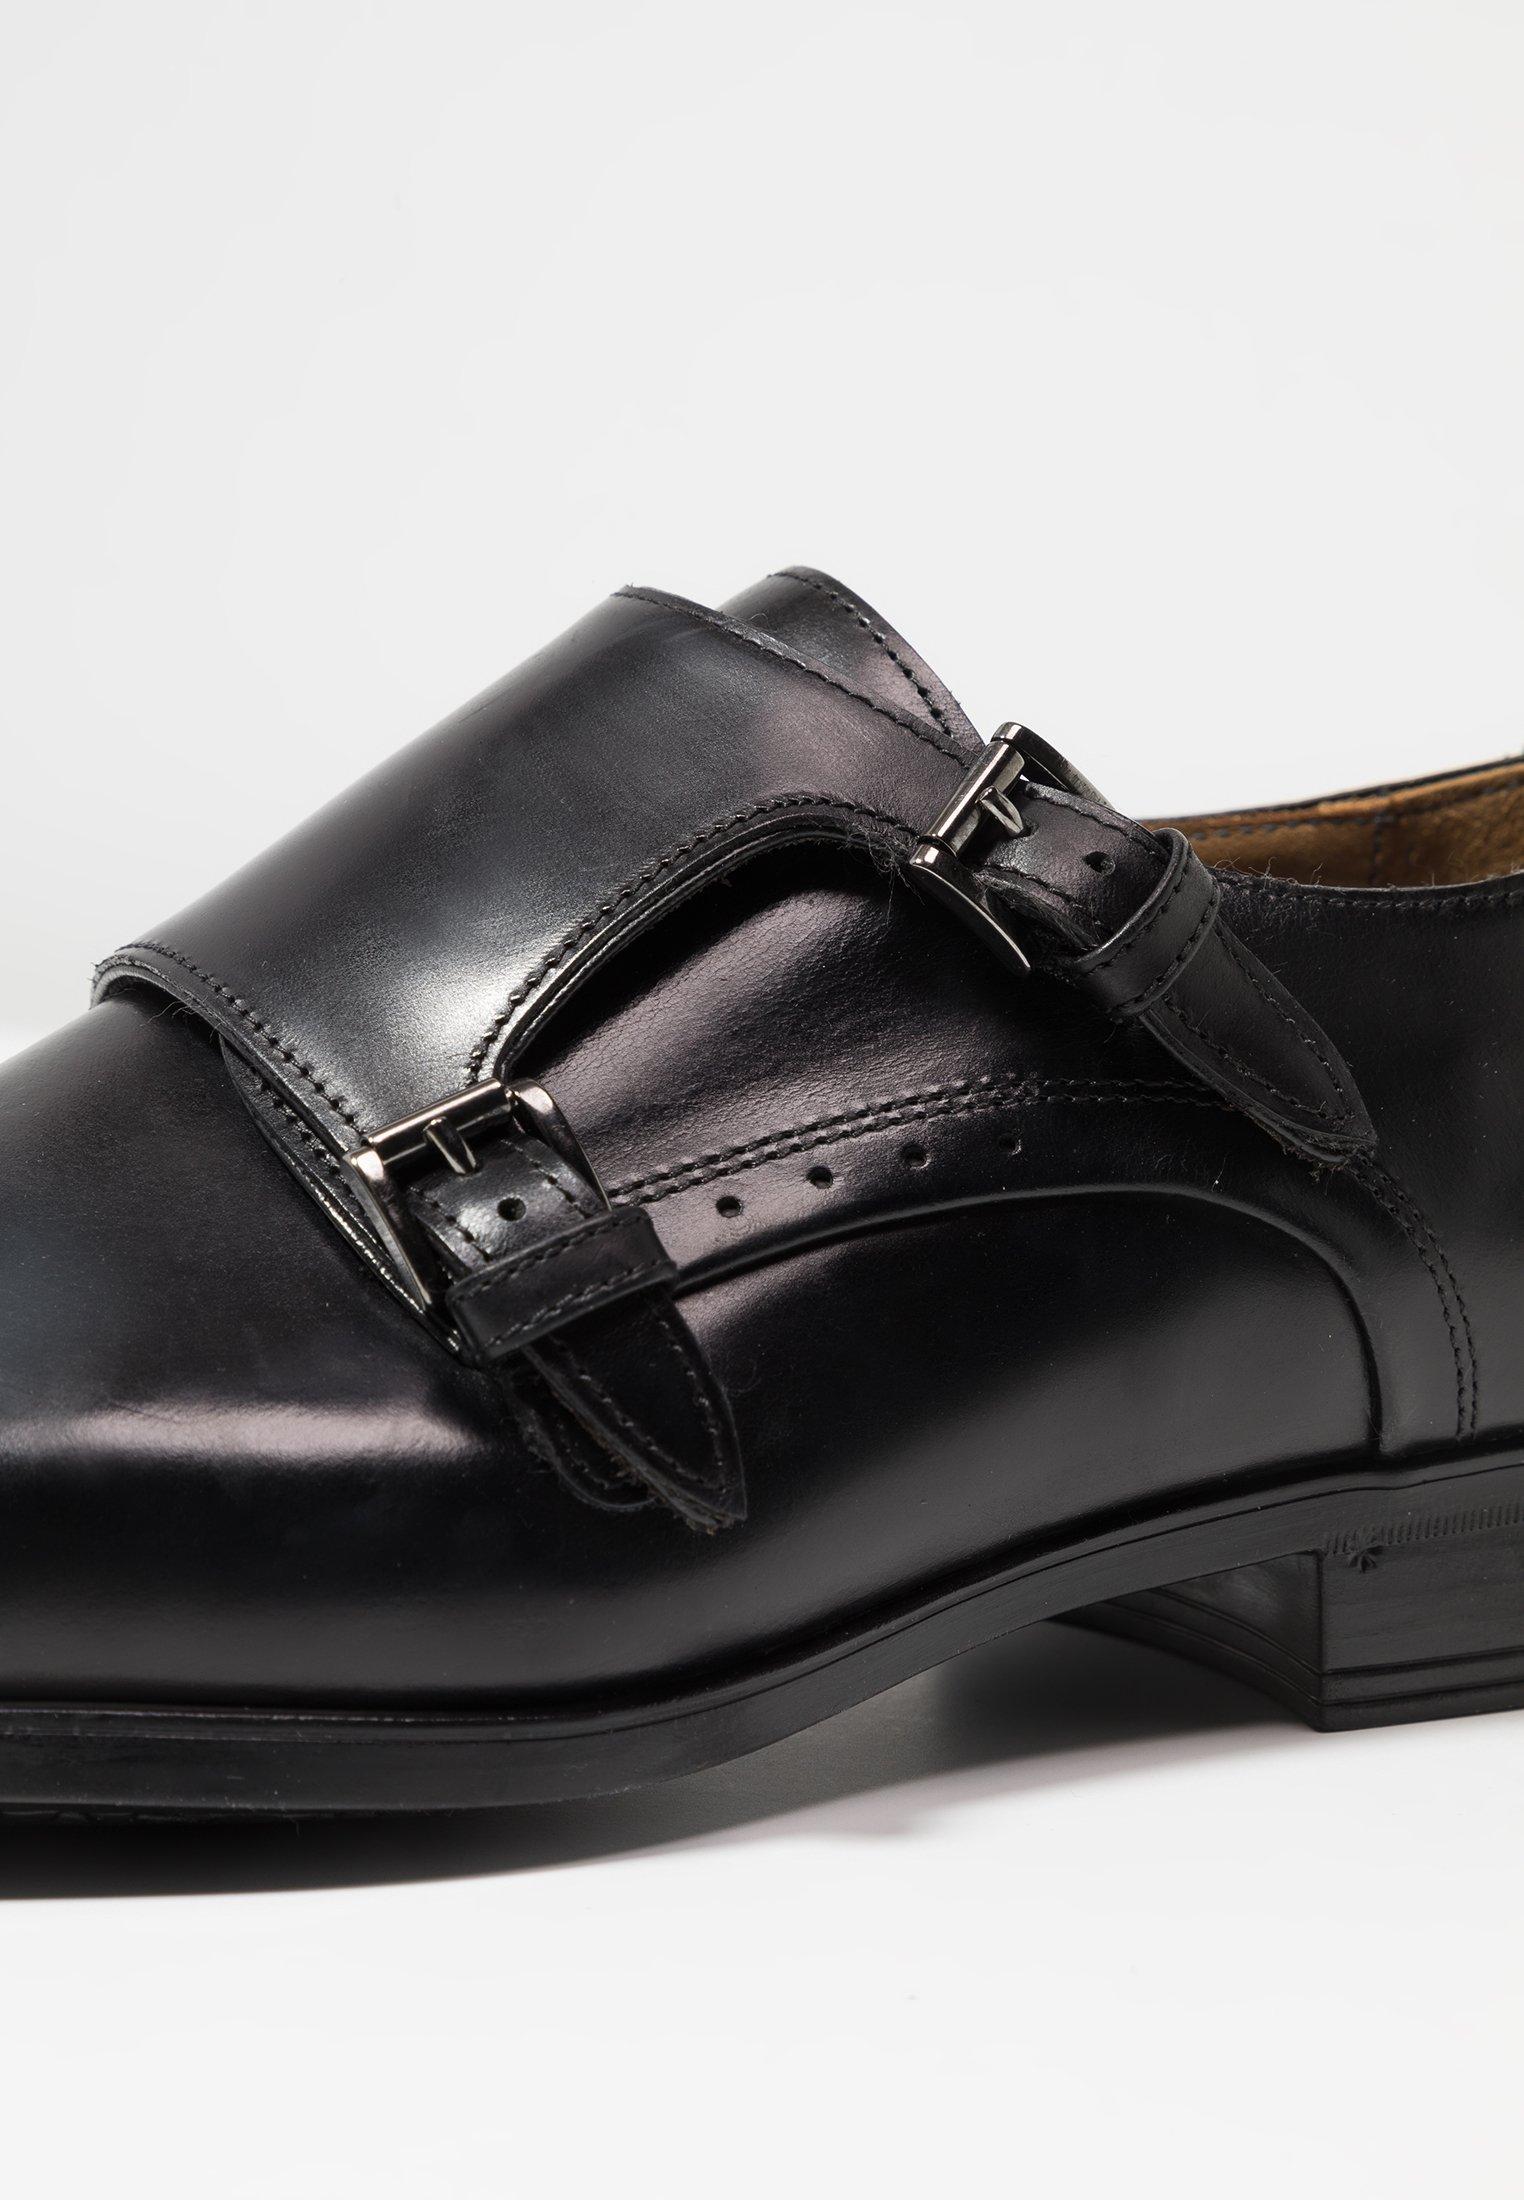 Giorgio 1958 Business Loafers - Black